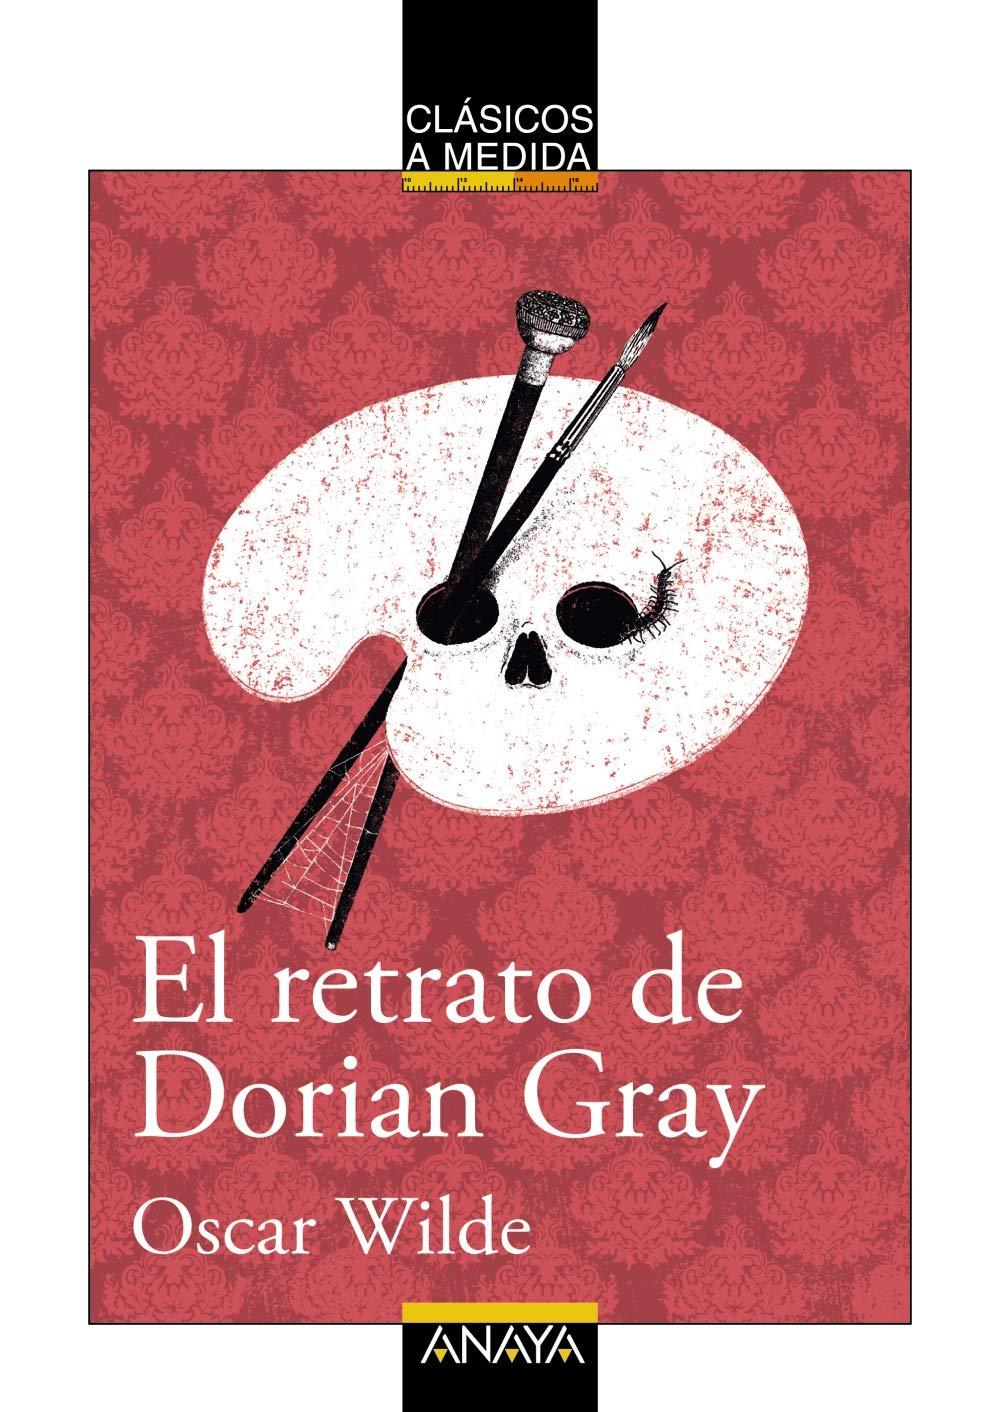 El retrato de Dorian Gray CLÁSICOS - Clásicos a Medida: Amazon.es ...